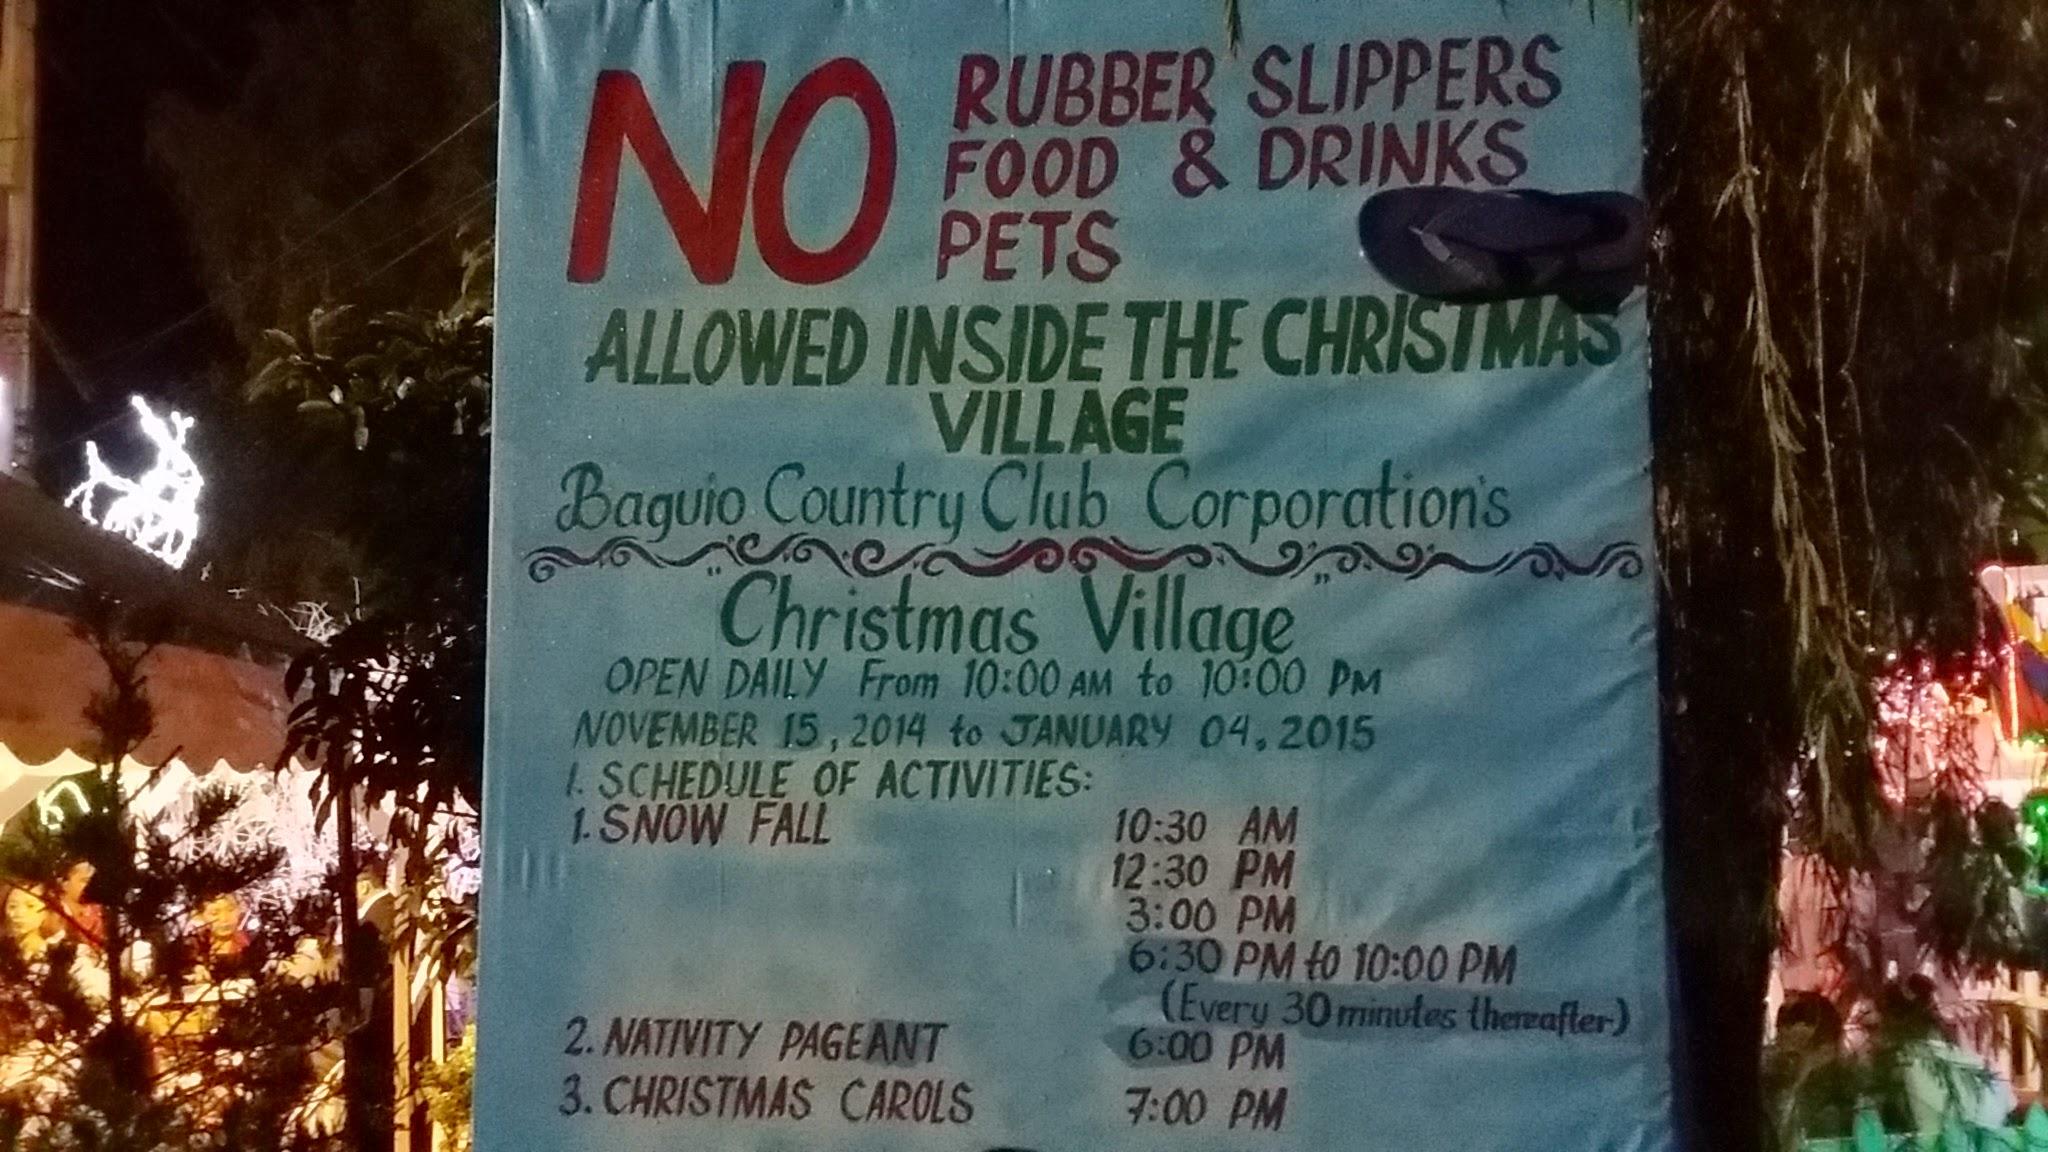 Christmas Village Baguio.Christmas Village Bcc 2 Lakbay Baguio